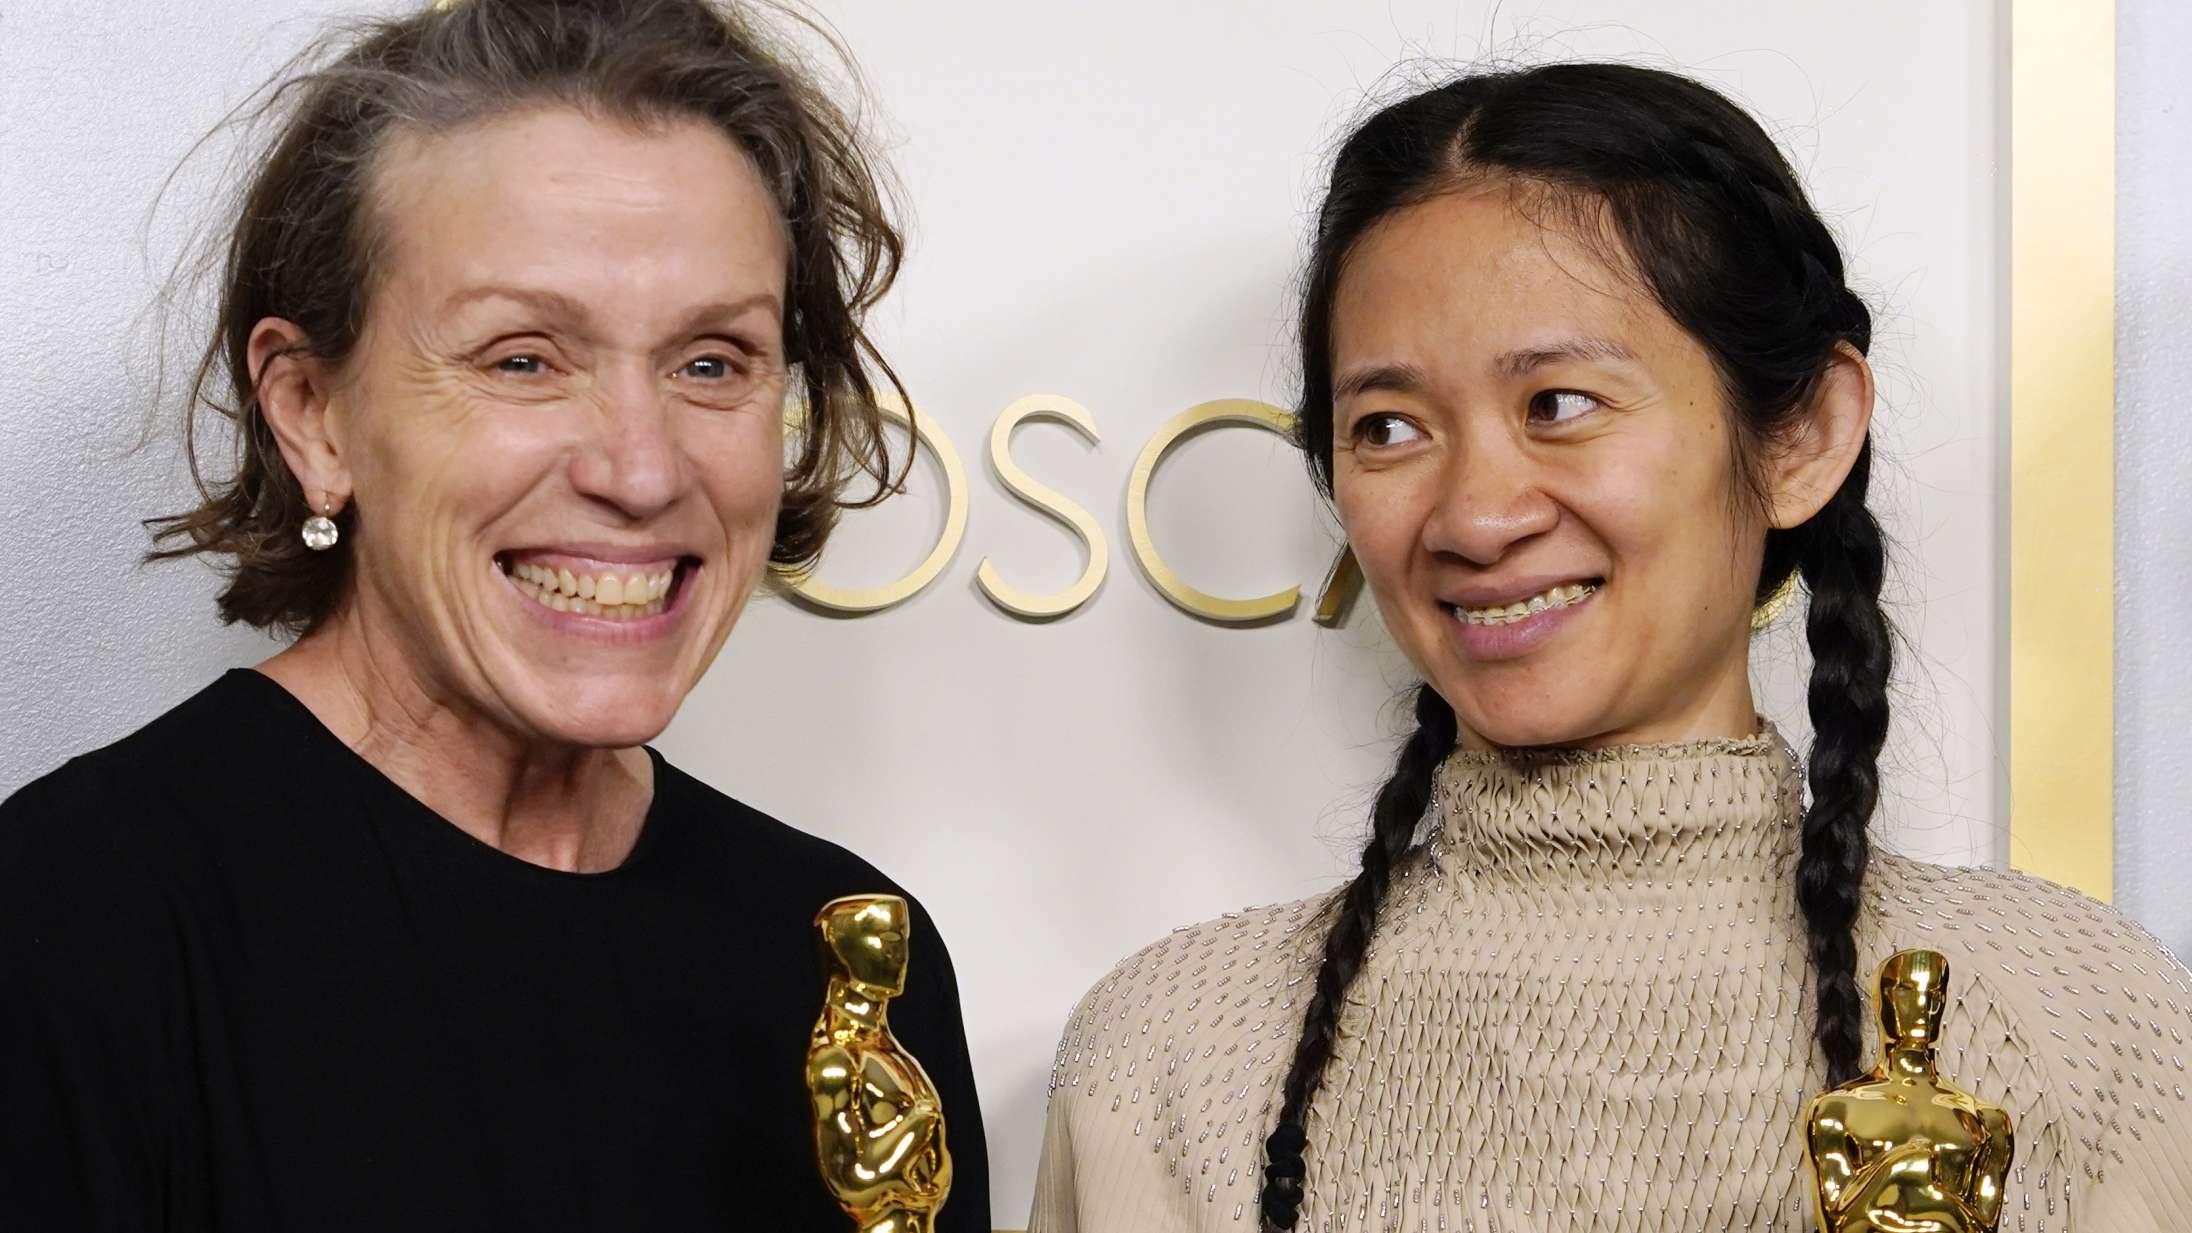 Derfor hylede Frances McDormand som en ulv i Oscar-takketale